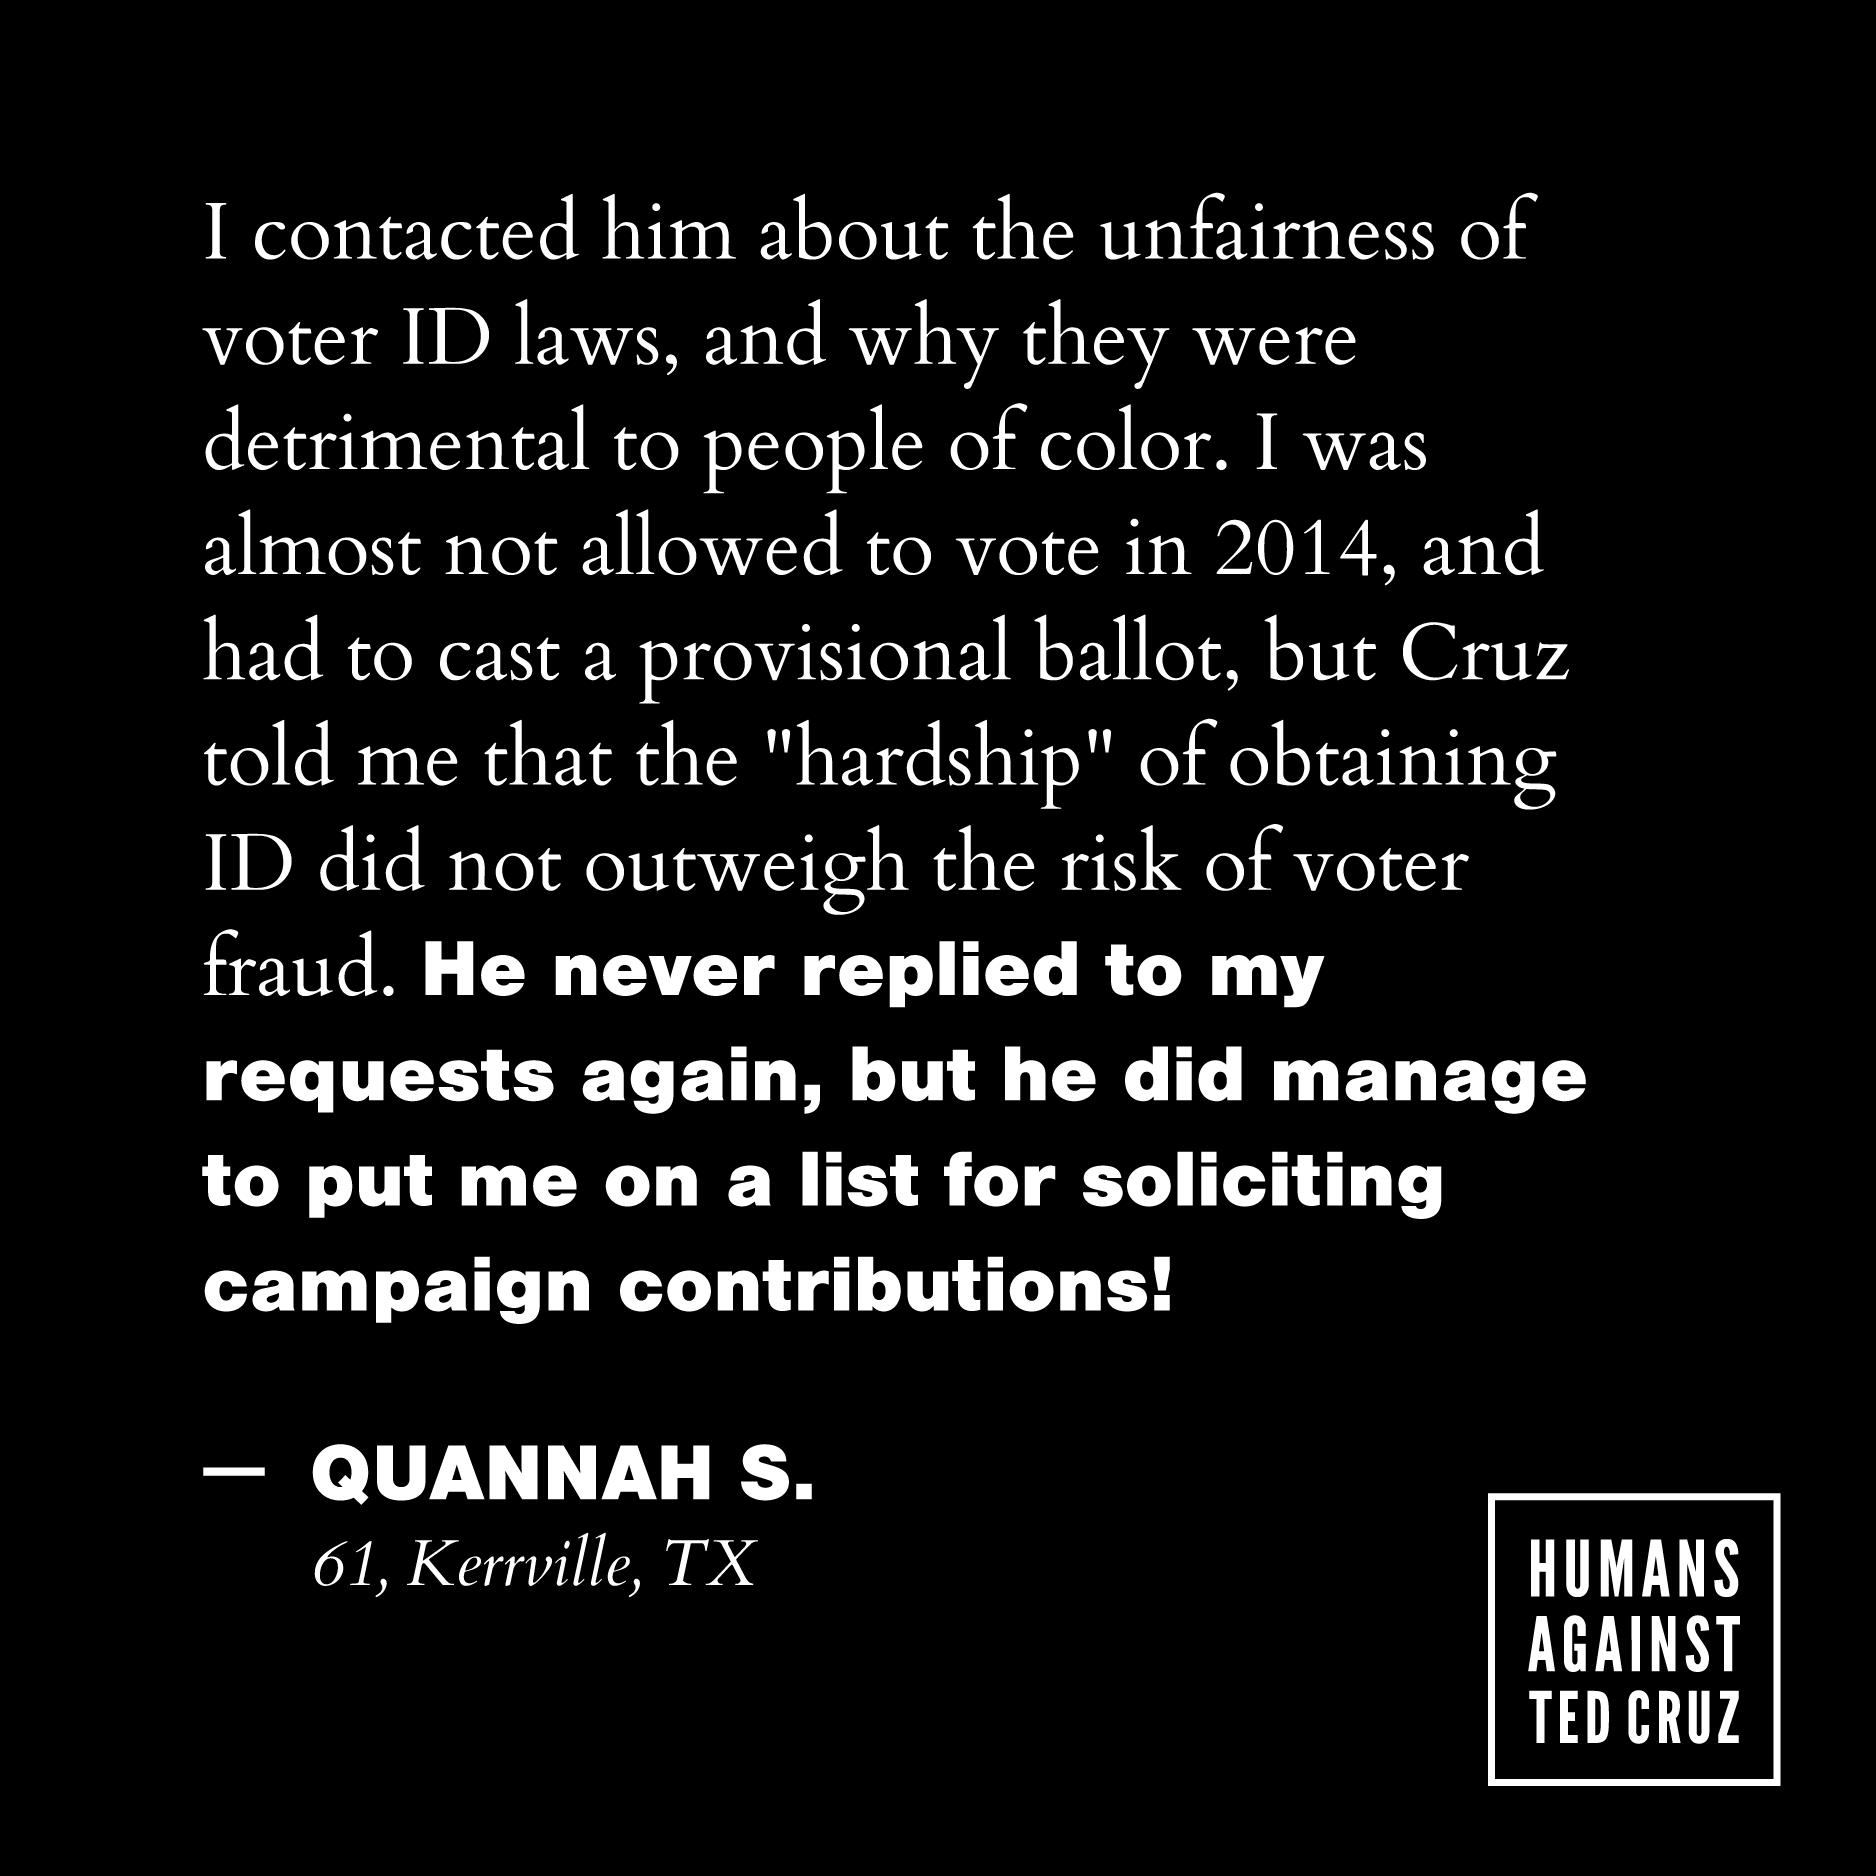 Humans Against Ted Cruz Quannah